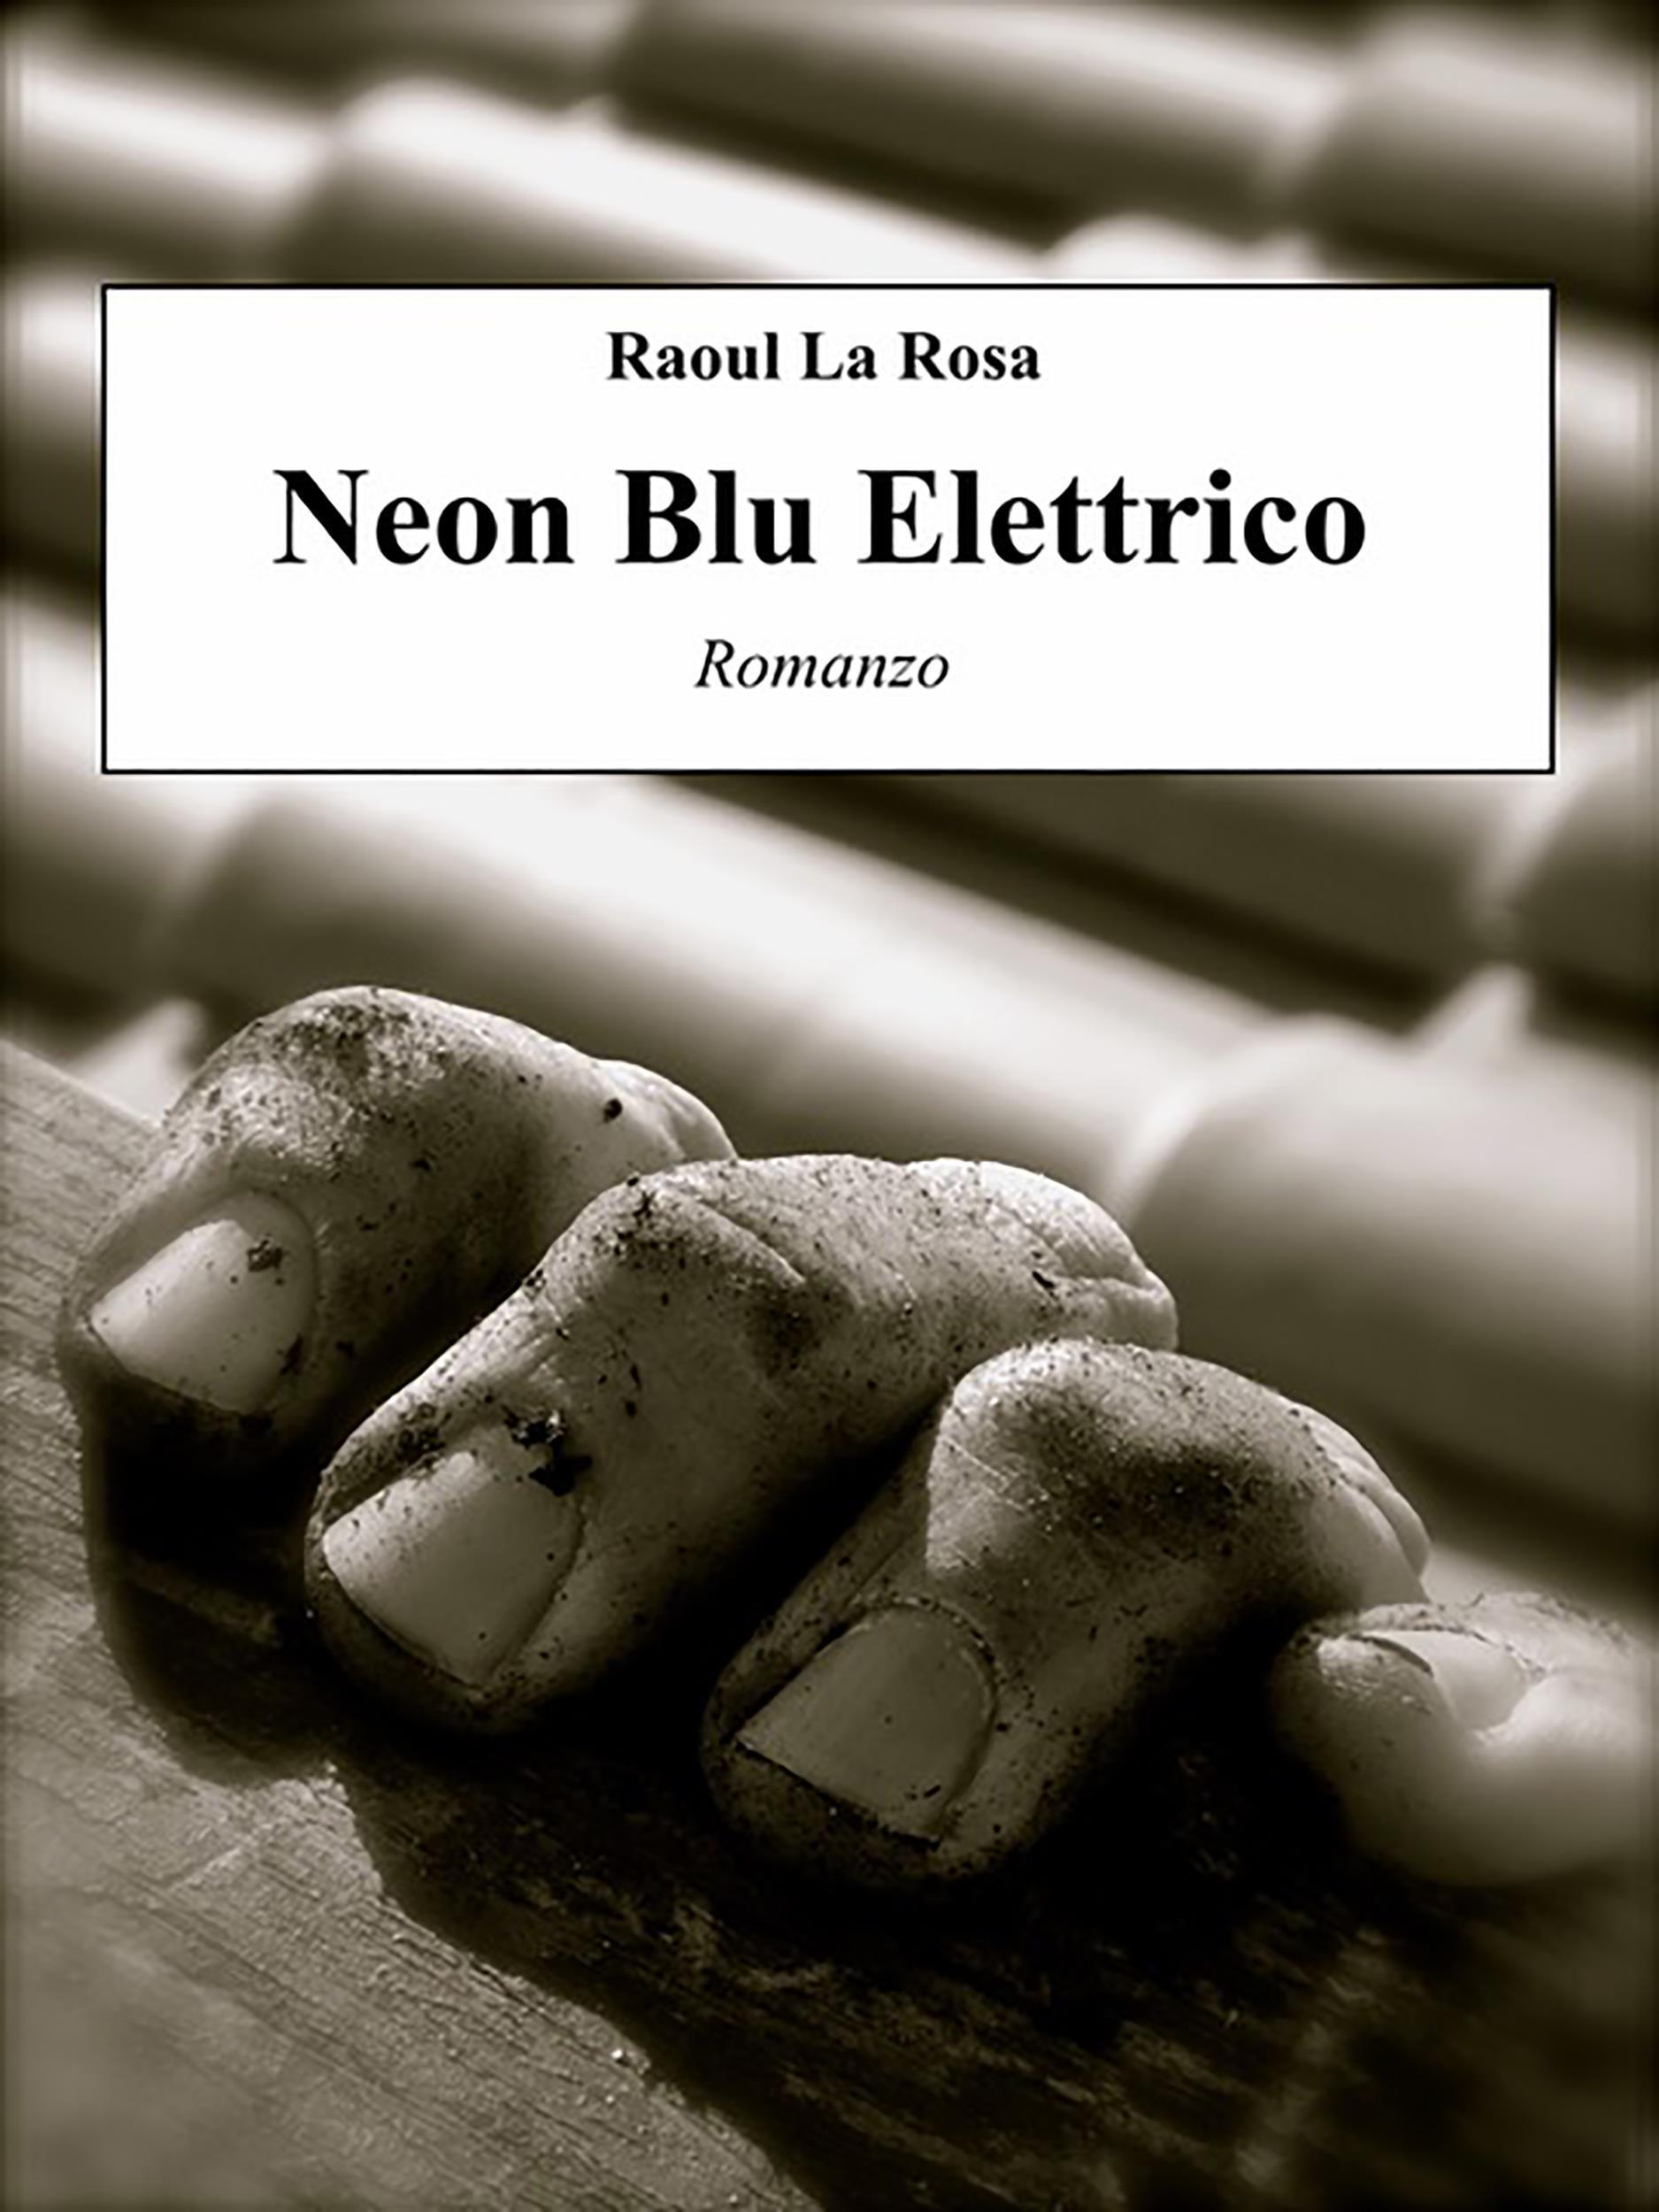 Neon blu elettrico